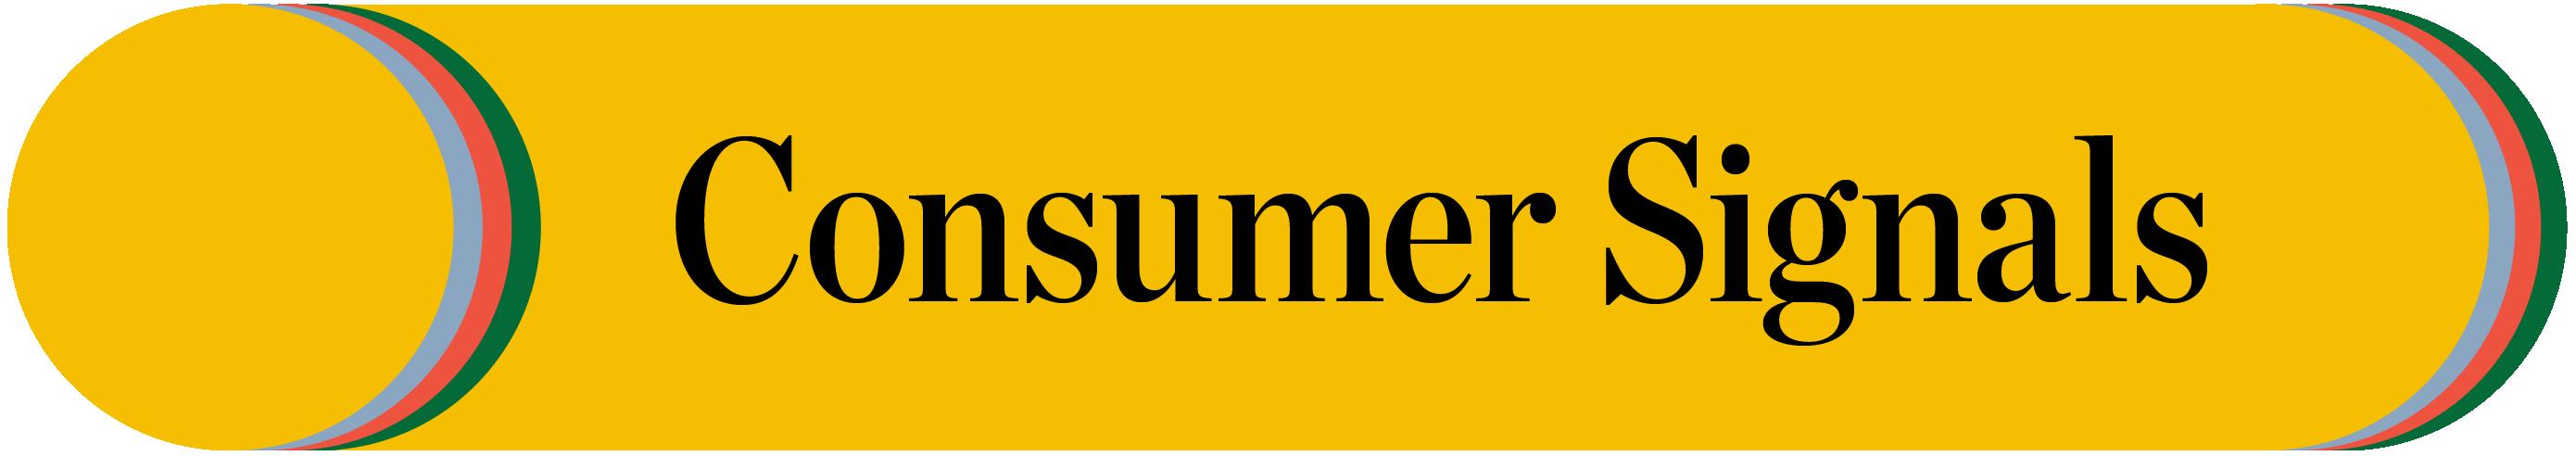 Consumer Signals